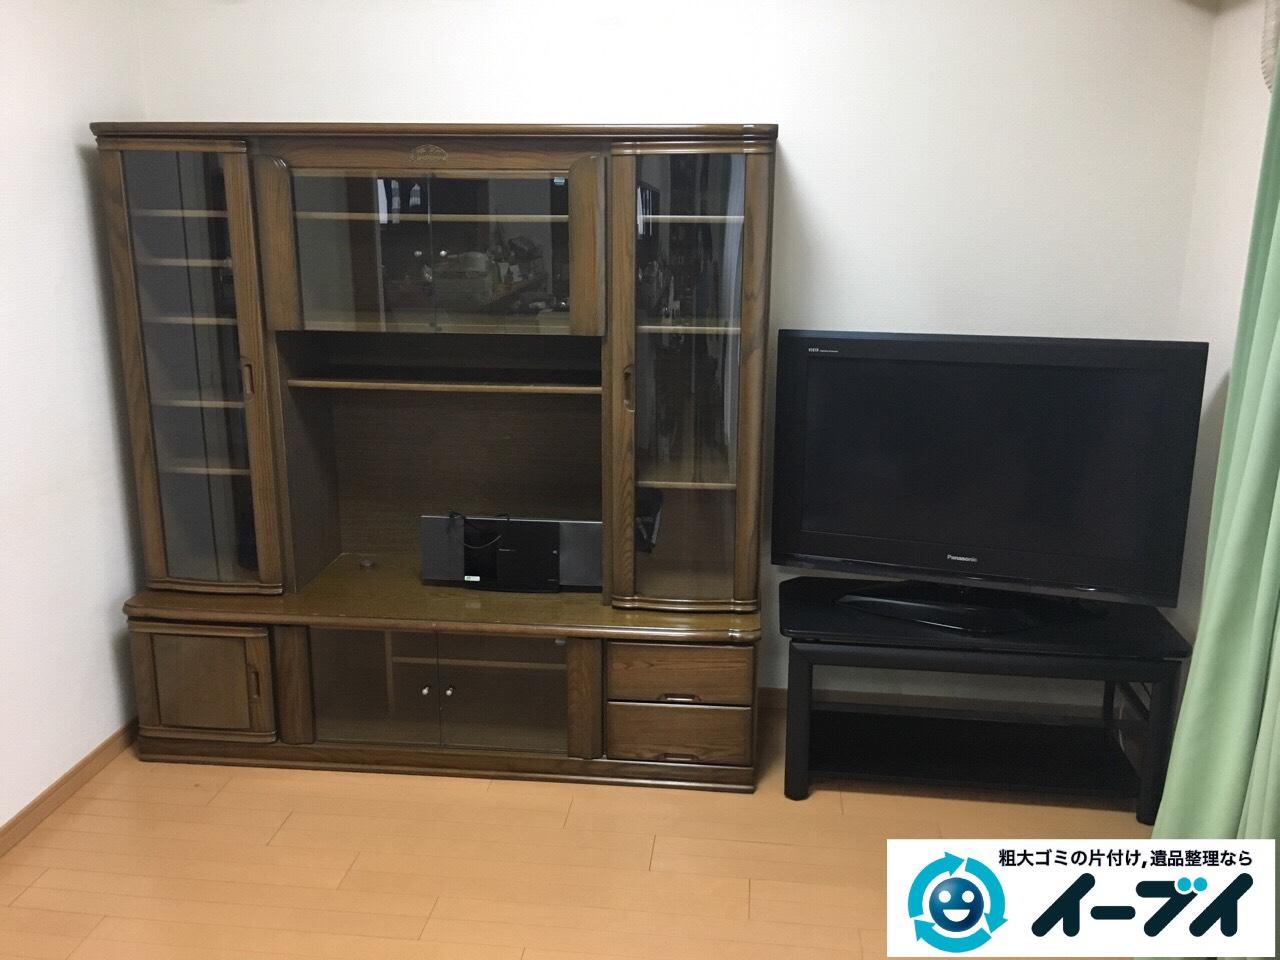 大阪府和泉市でテレビボードと学習机と粗大ゴミの家具処分をしました